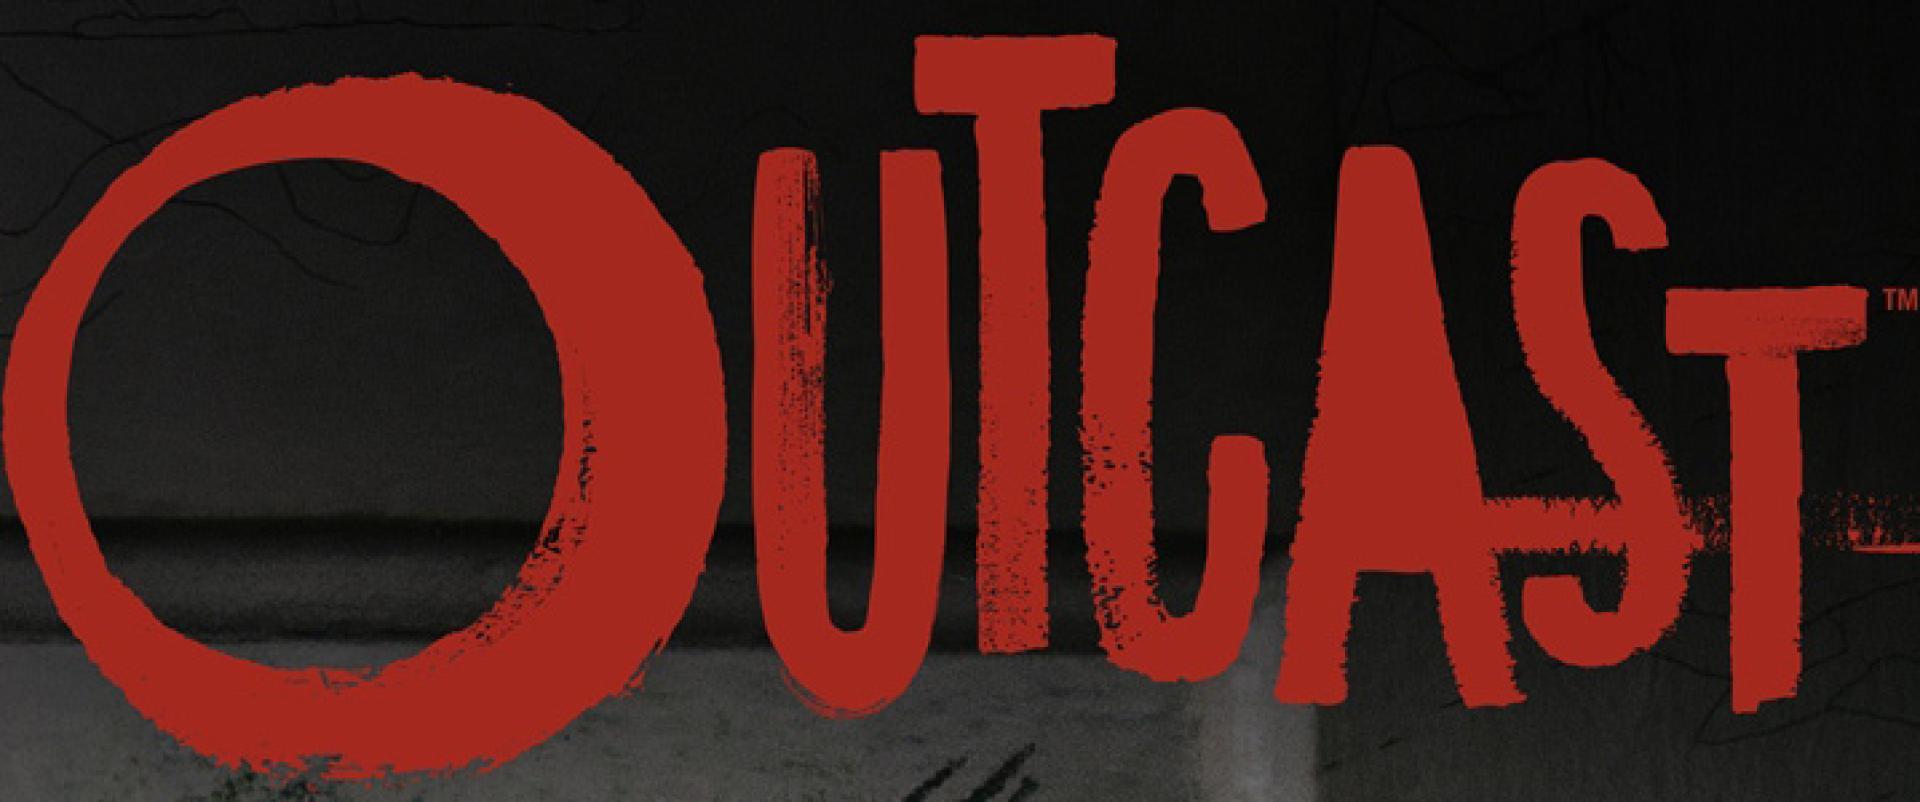 Outcast 1x02